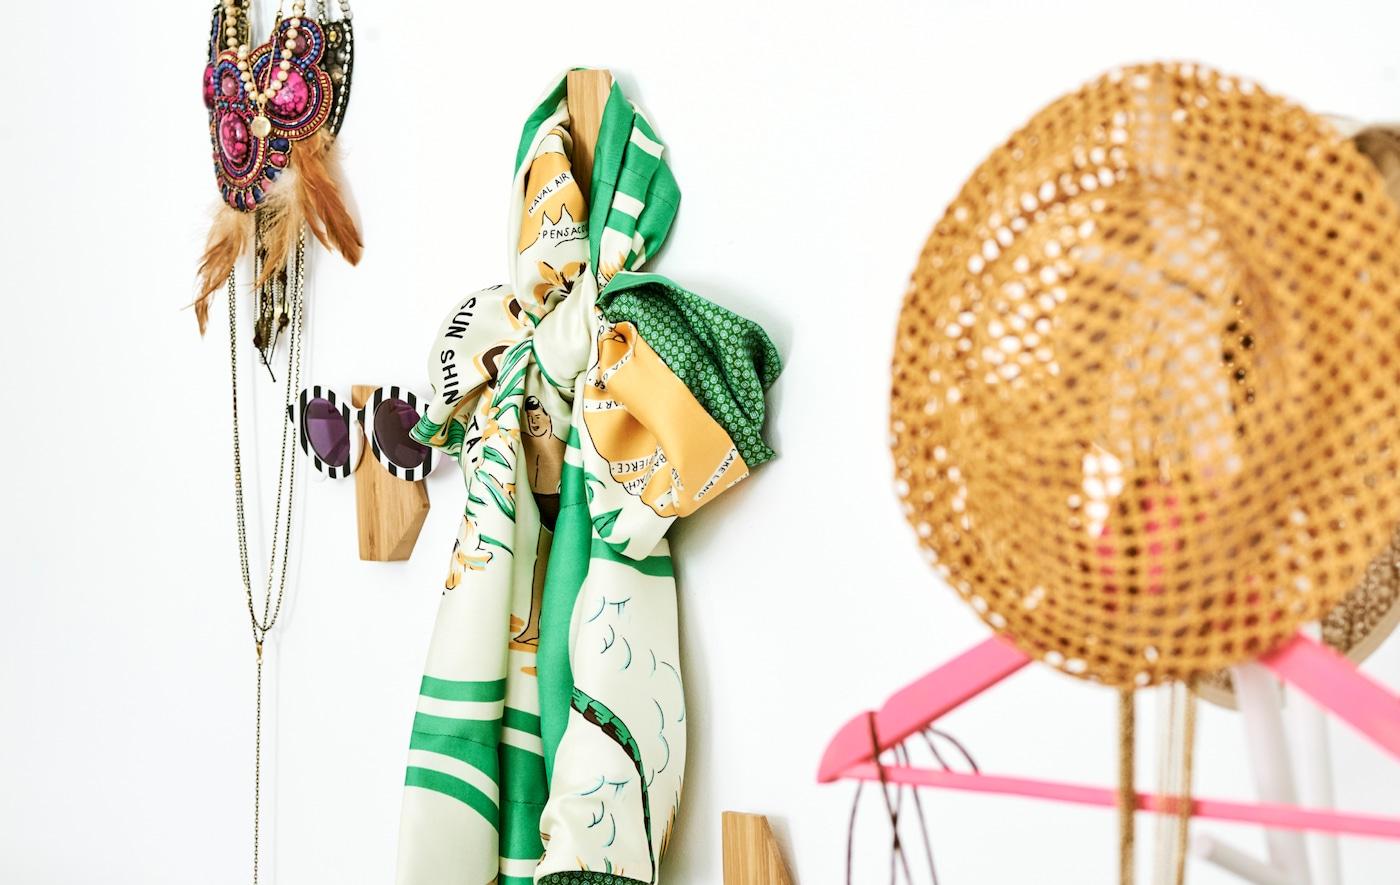 Des crochets en bambou disposés de façon asymétrique au mur, avec un accessoire différent sur chaque, comme des lunettes de soleil, une écharpe, des colliers et un chapeau de paille.